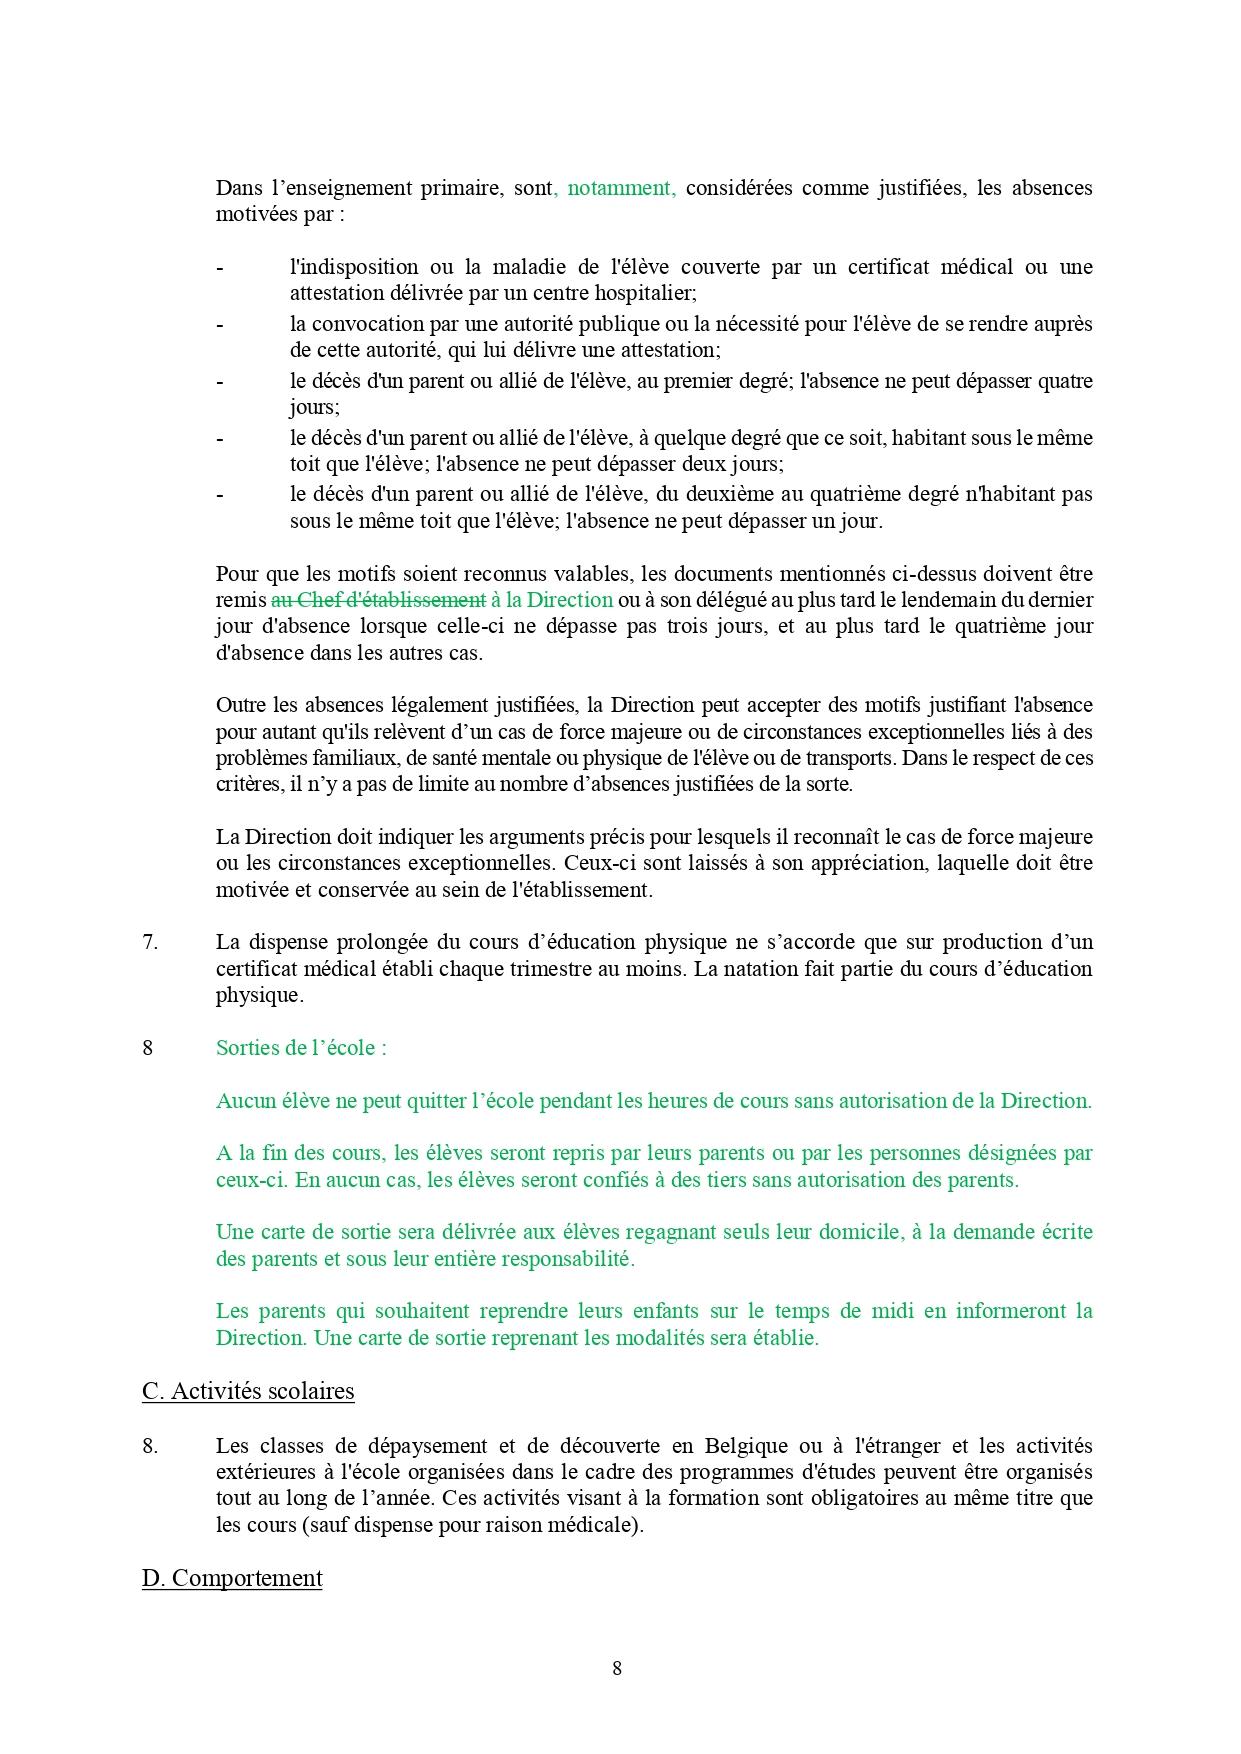 ROI fondamental avril 2020_page-0008